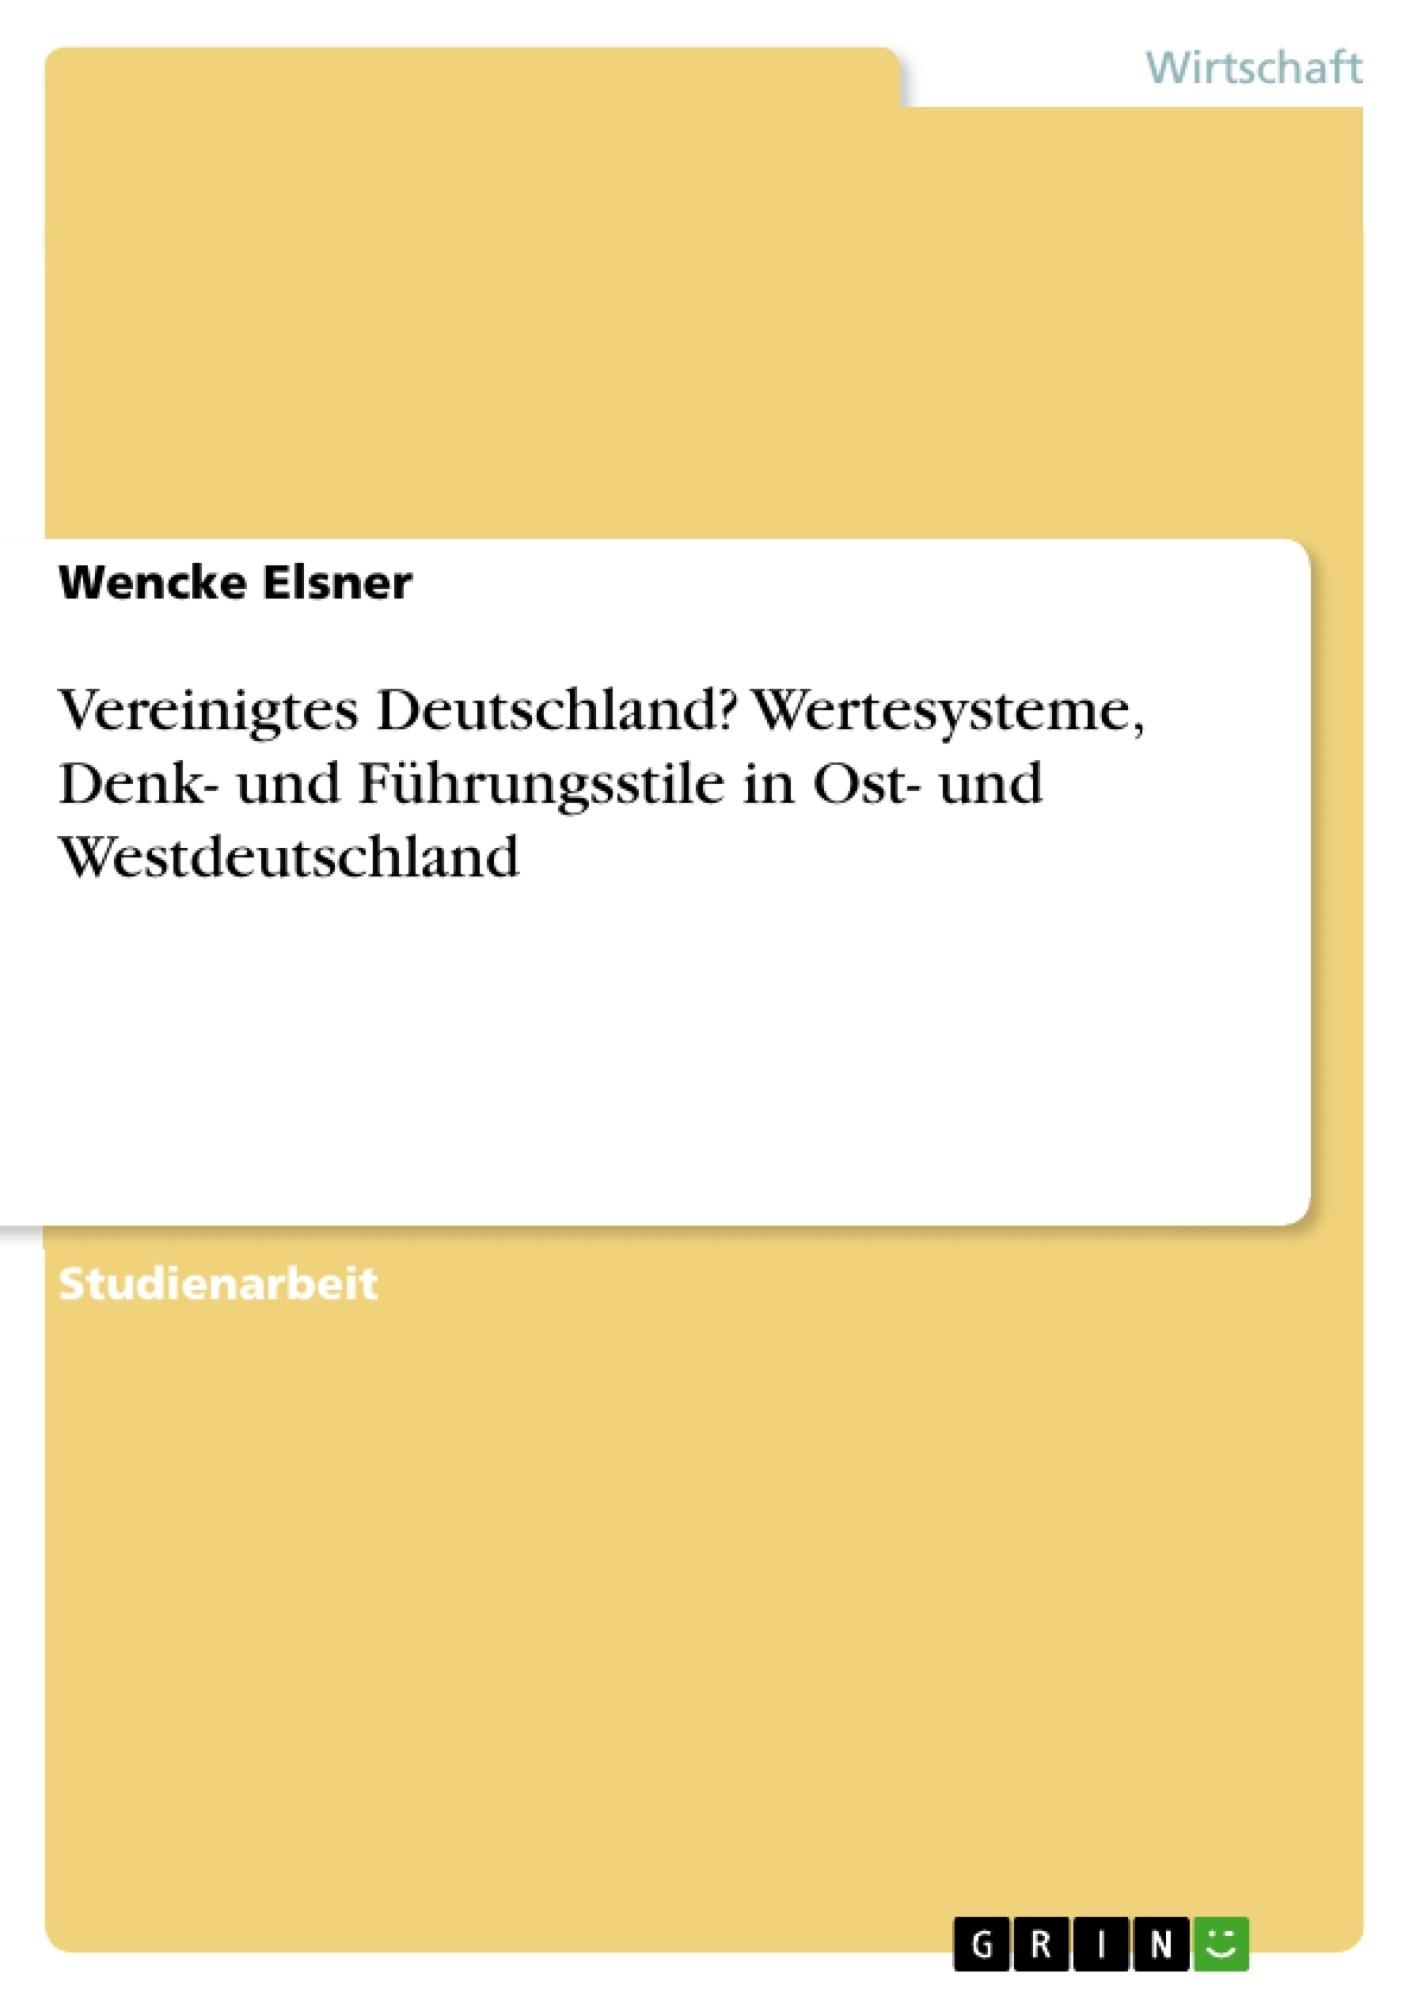 Titel: Vereinigtes Deutschland? Wertesysteme, Denk- und Führungsstile in Ost- und Westdeutschland